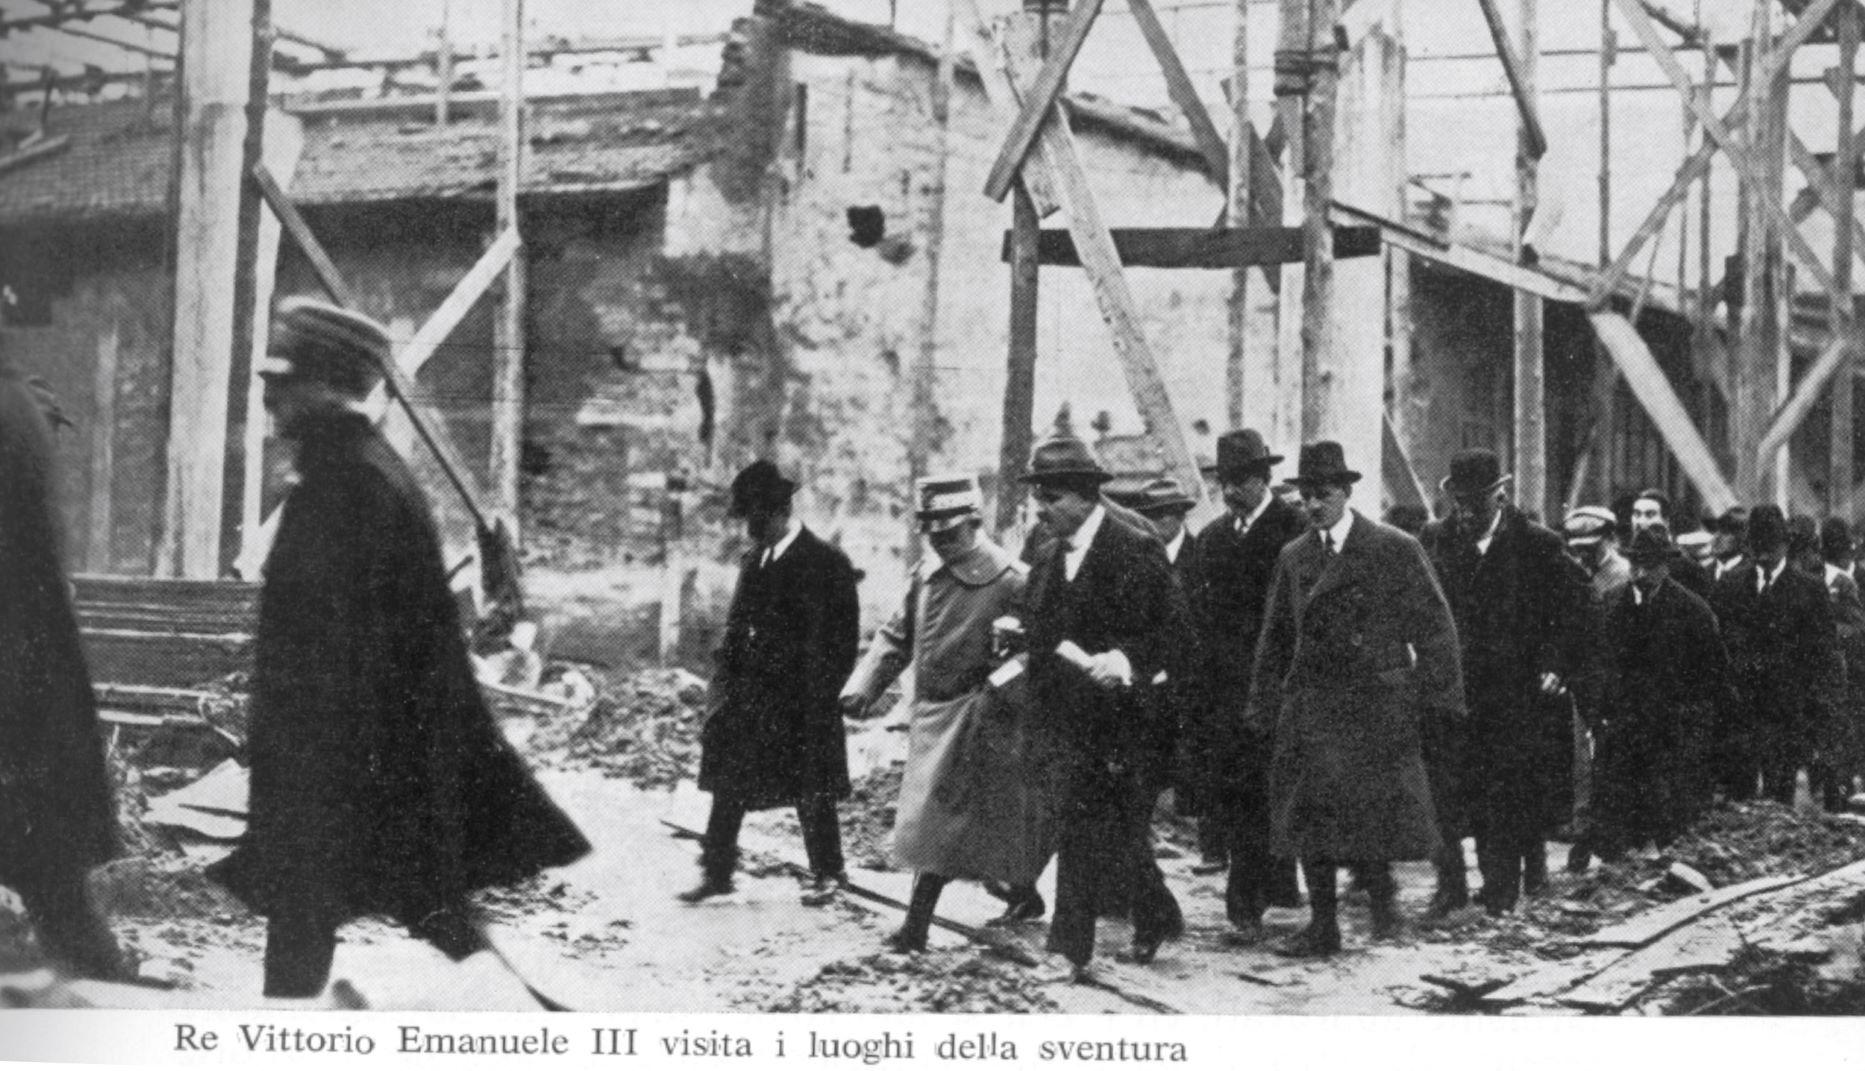 Corna, Ferriere Voltri: re Vittorio Emanuele III visita i luoghi della sventura accompagnato dall'Onorevole Bonardi e dal Ministro dei Lavori Pubblici On. Carnaz